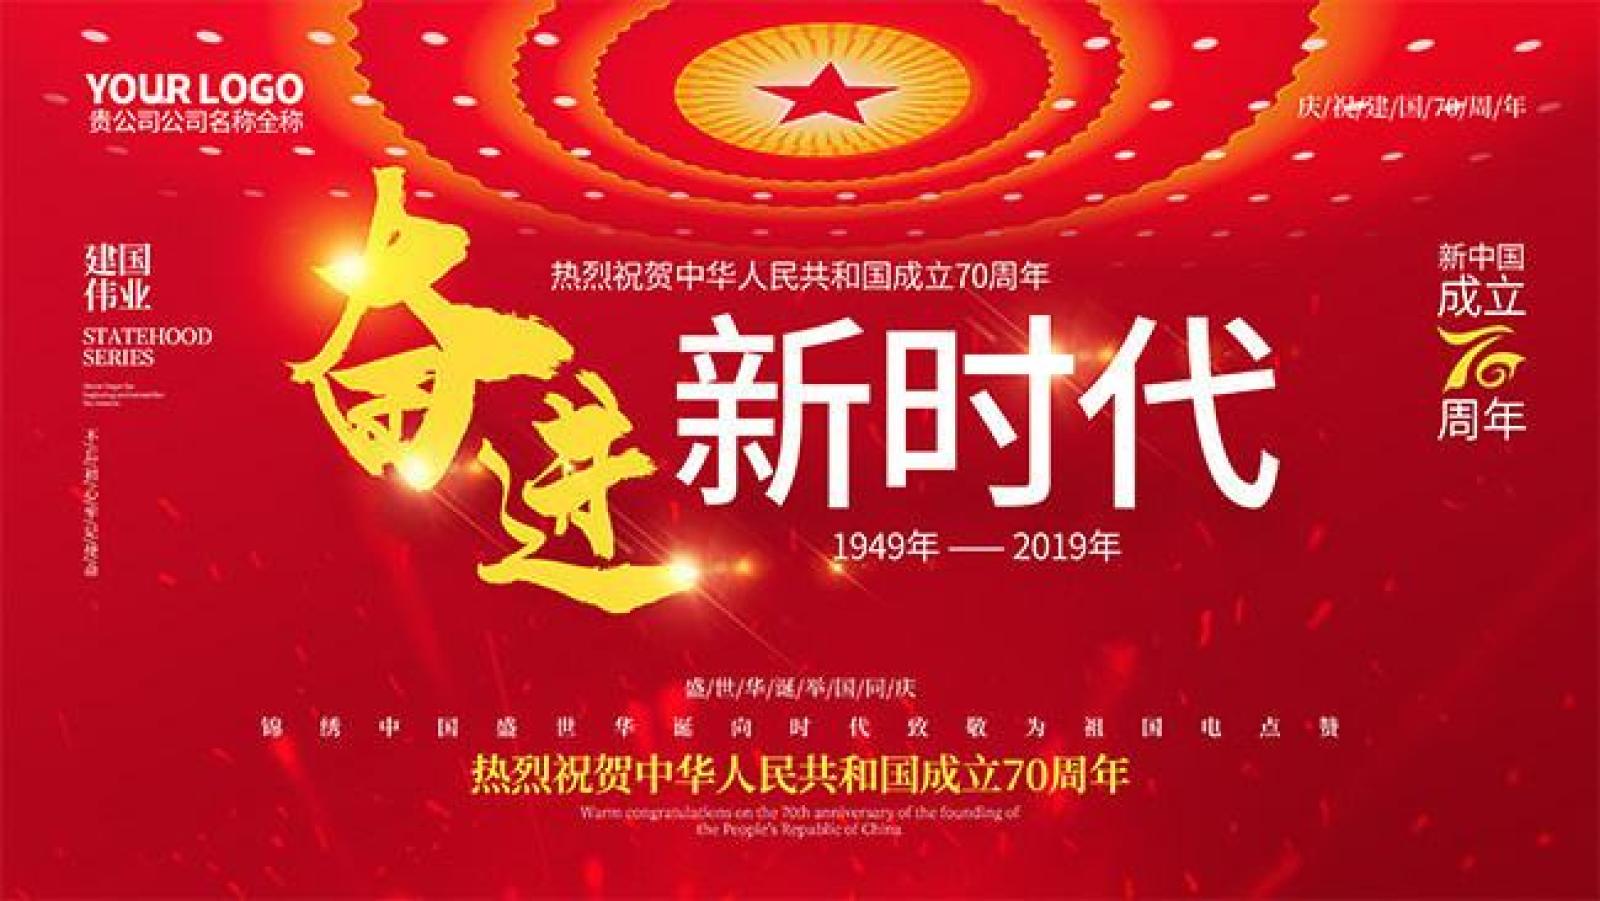 2019年國慶放假公告